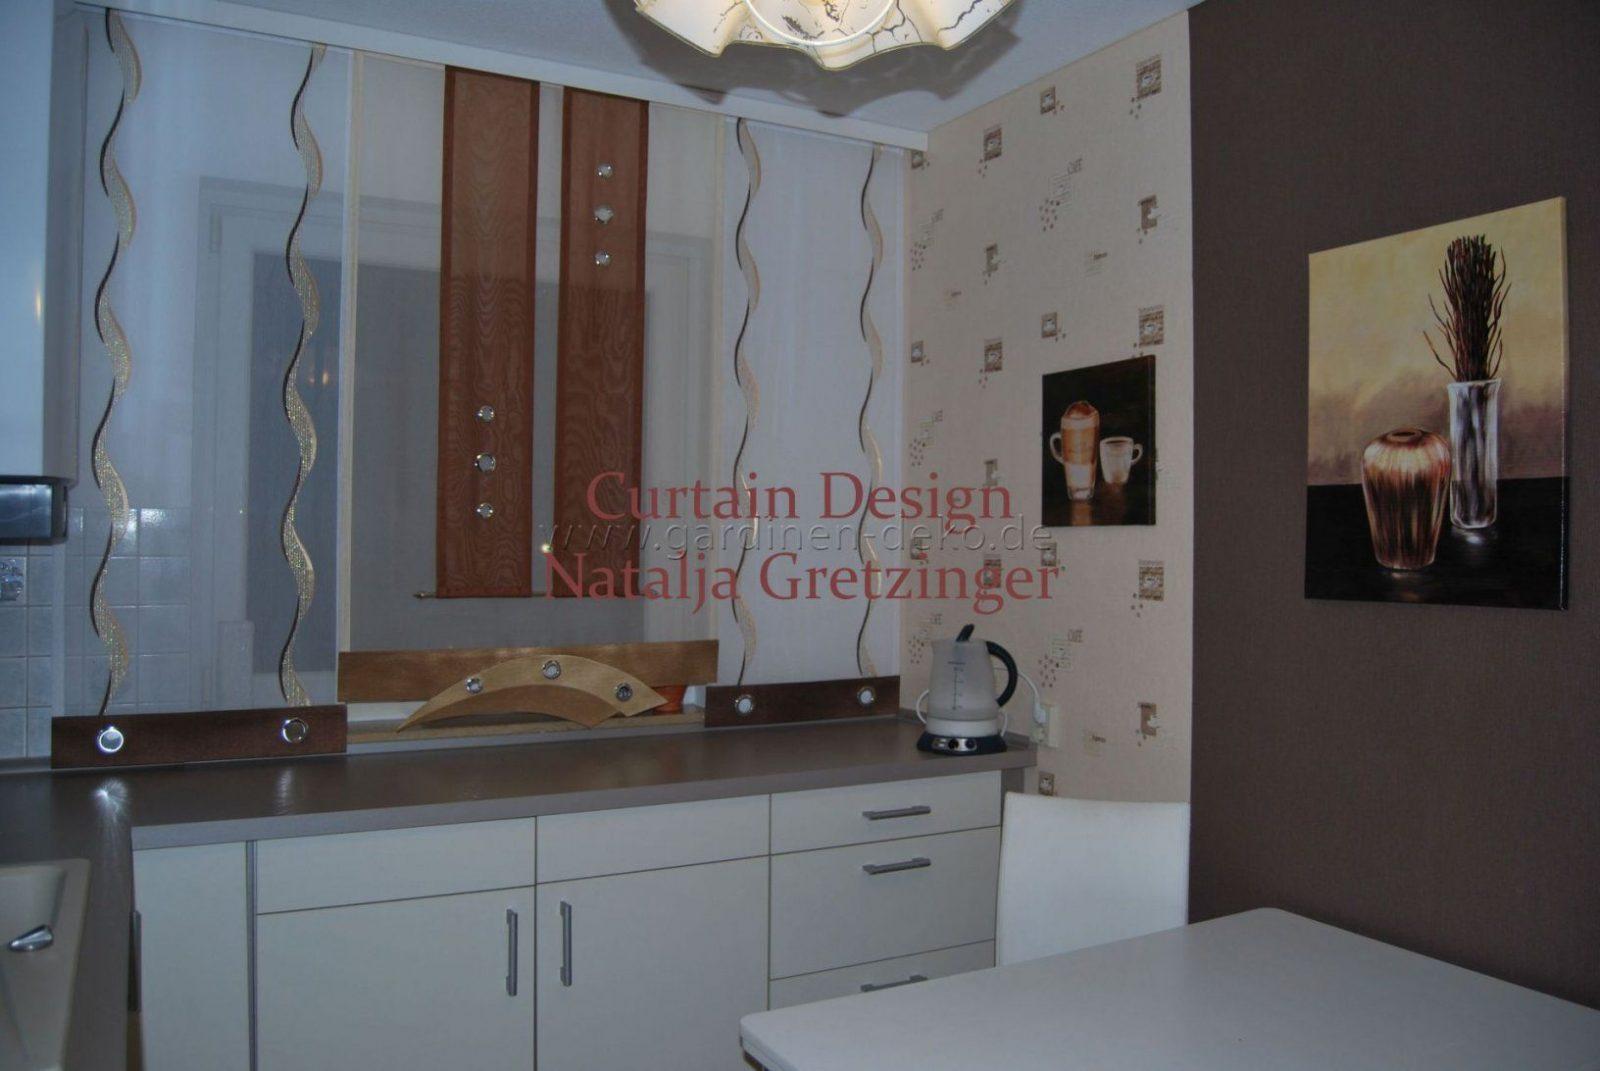 Gardinen Für Die Küche Bildergalerie Ideen von Moderne Gardinen Für Die Küche Photo